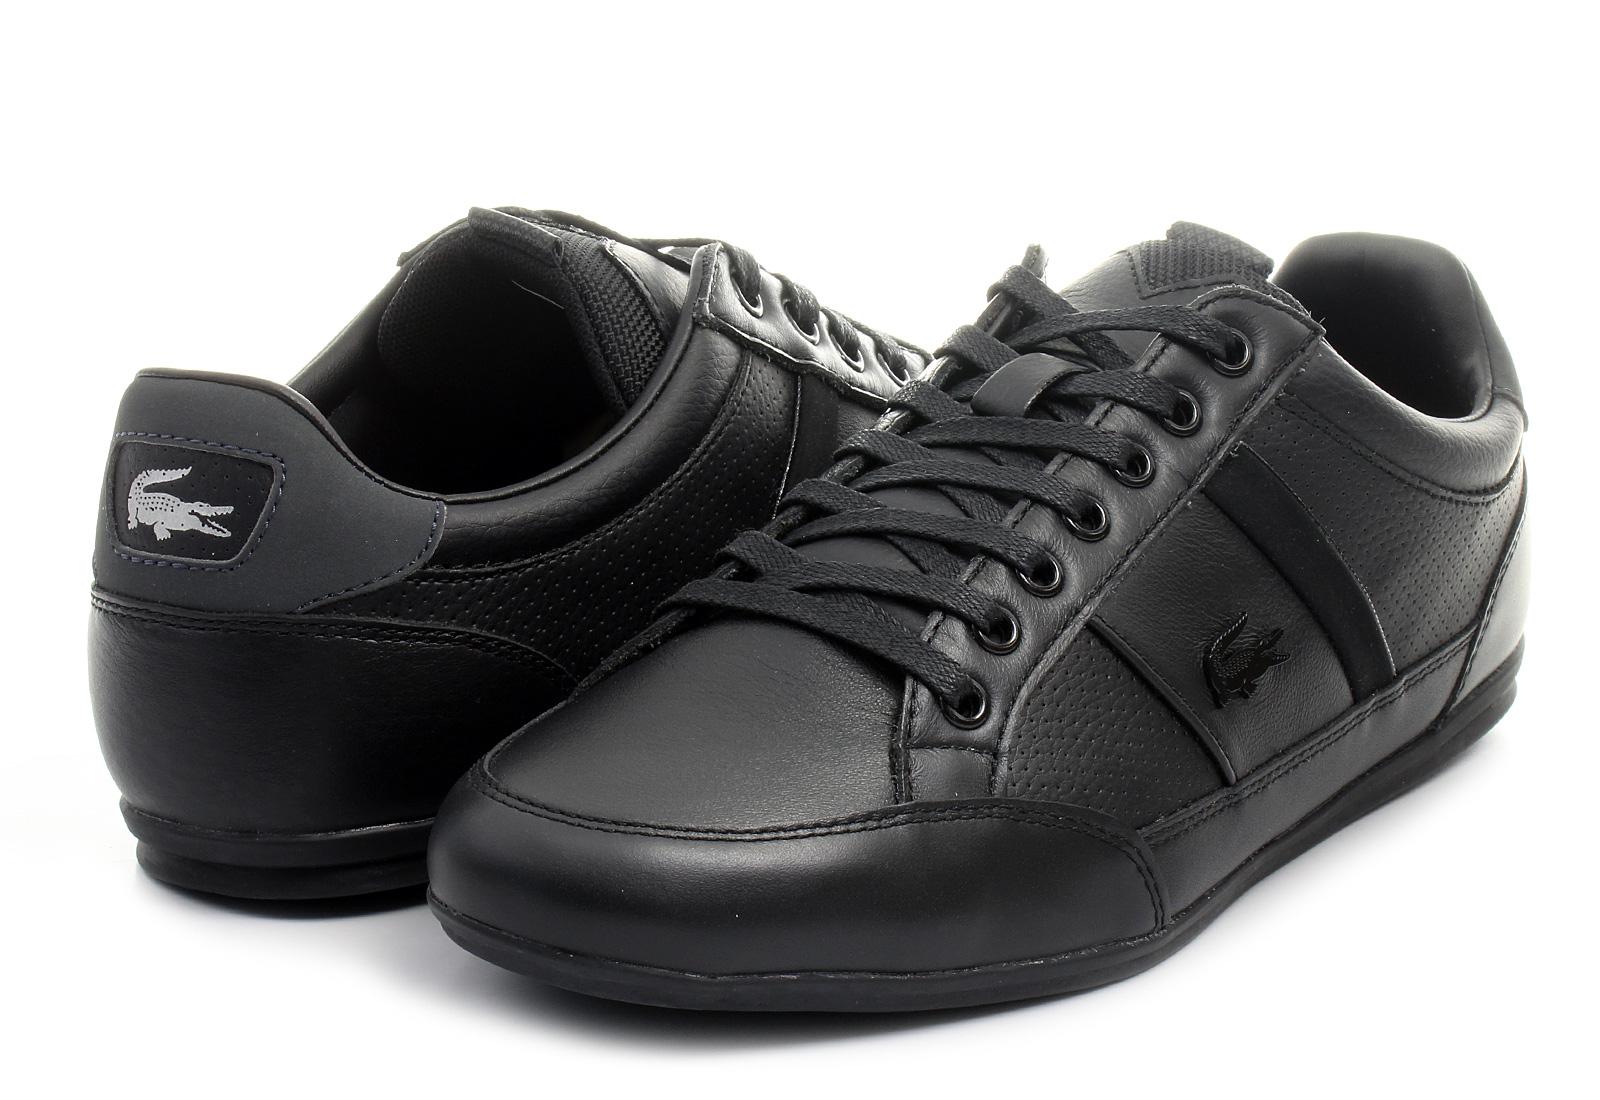 061b01be8 Lacoste Shoes - Chaymon Prm - 153spm0040-237 - Online shop for ...